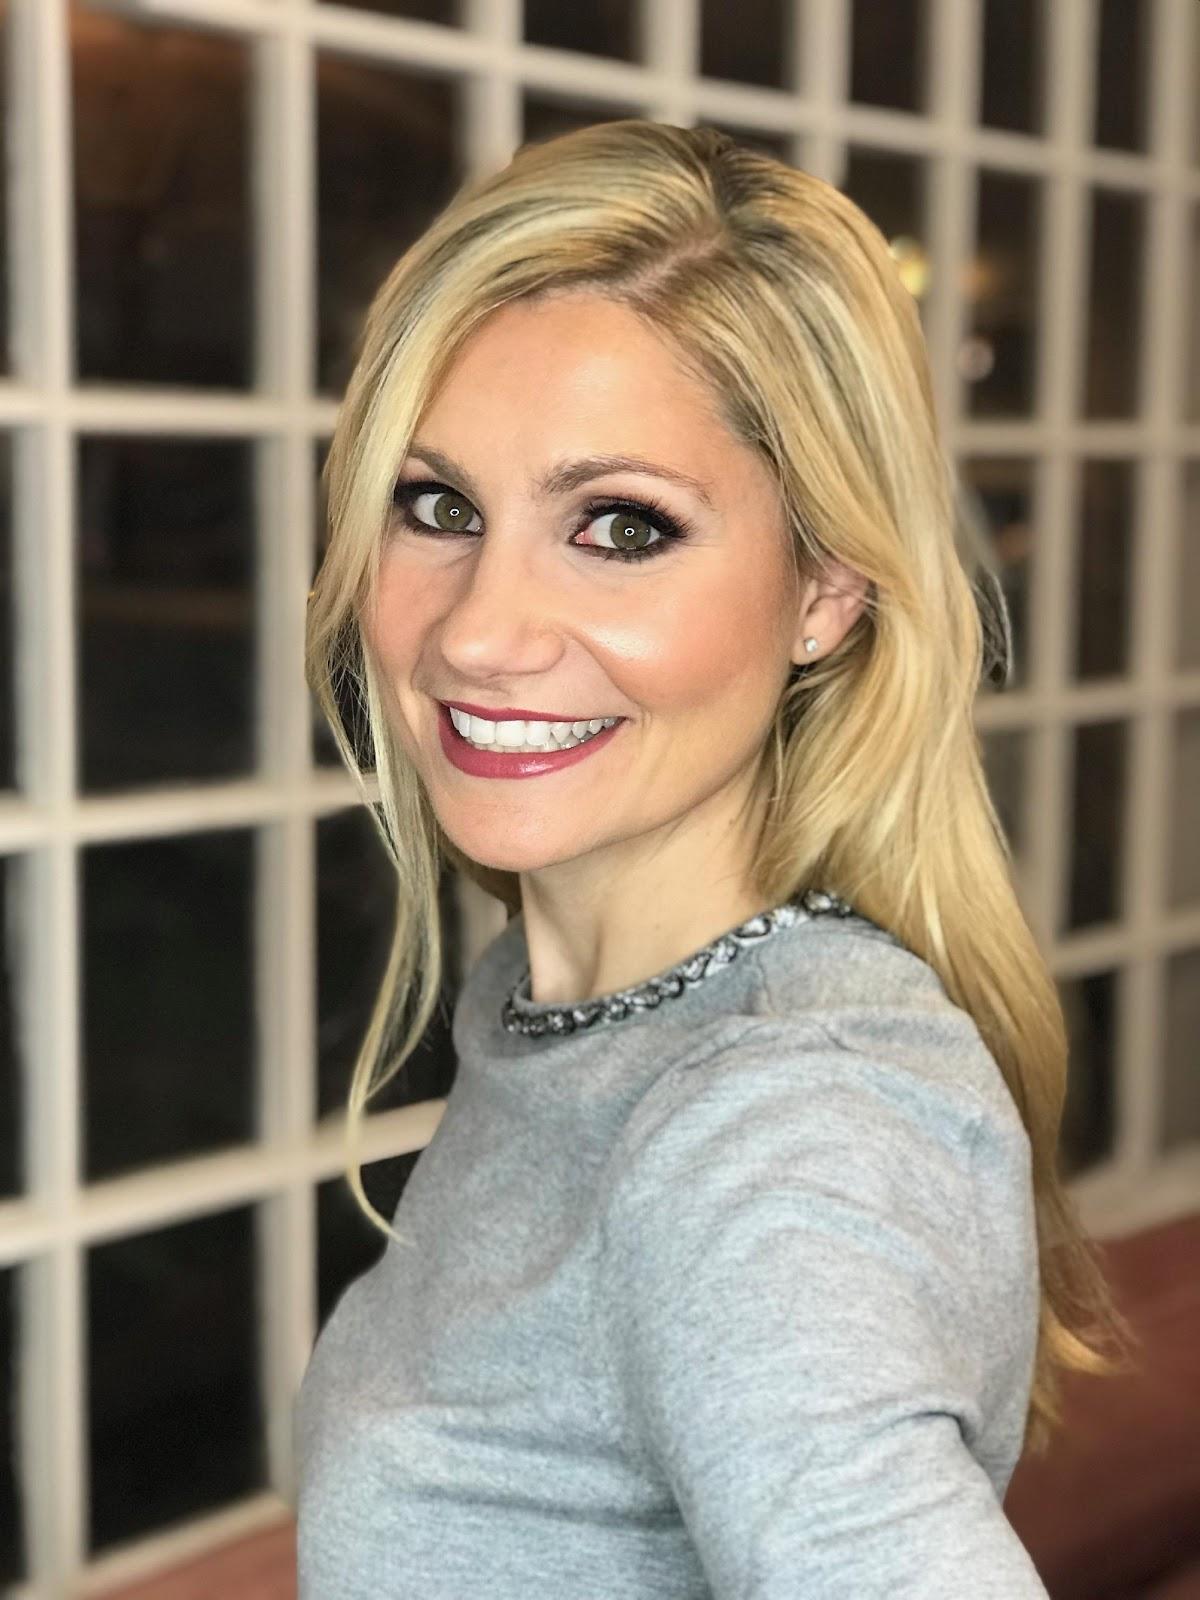 Gabrielle Kohlmeier